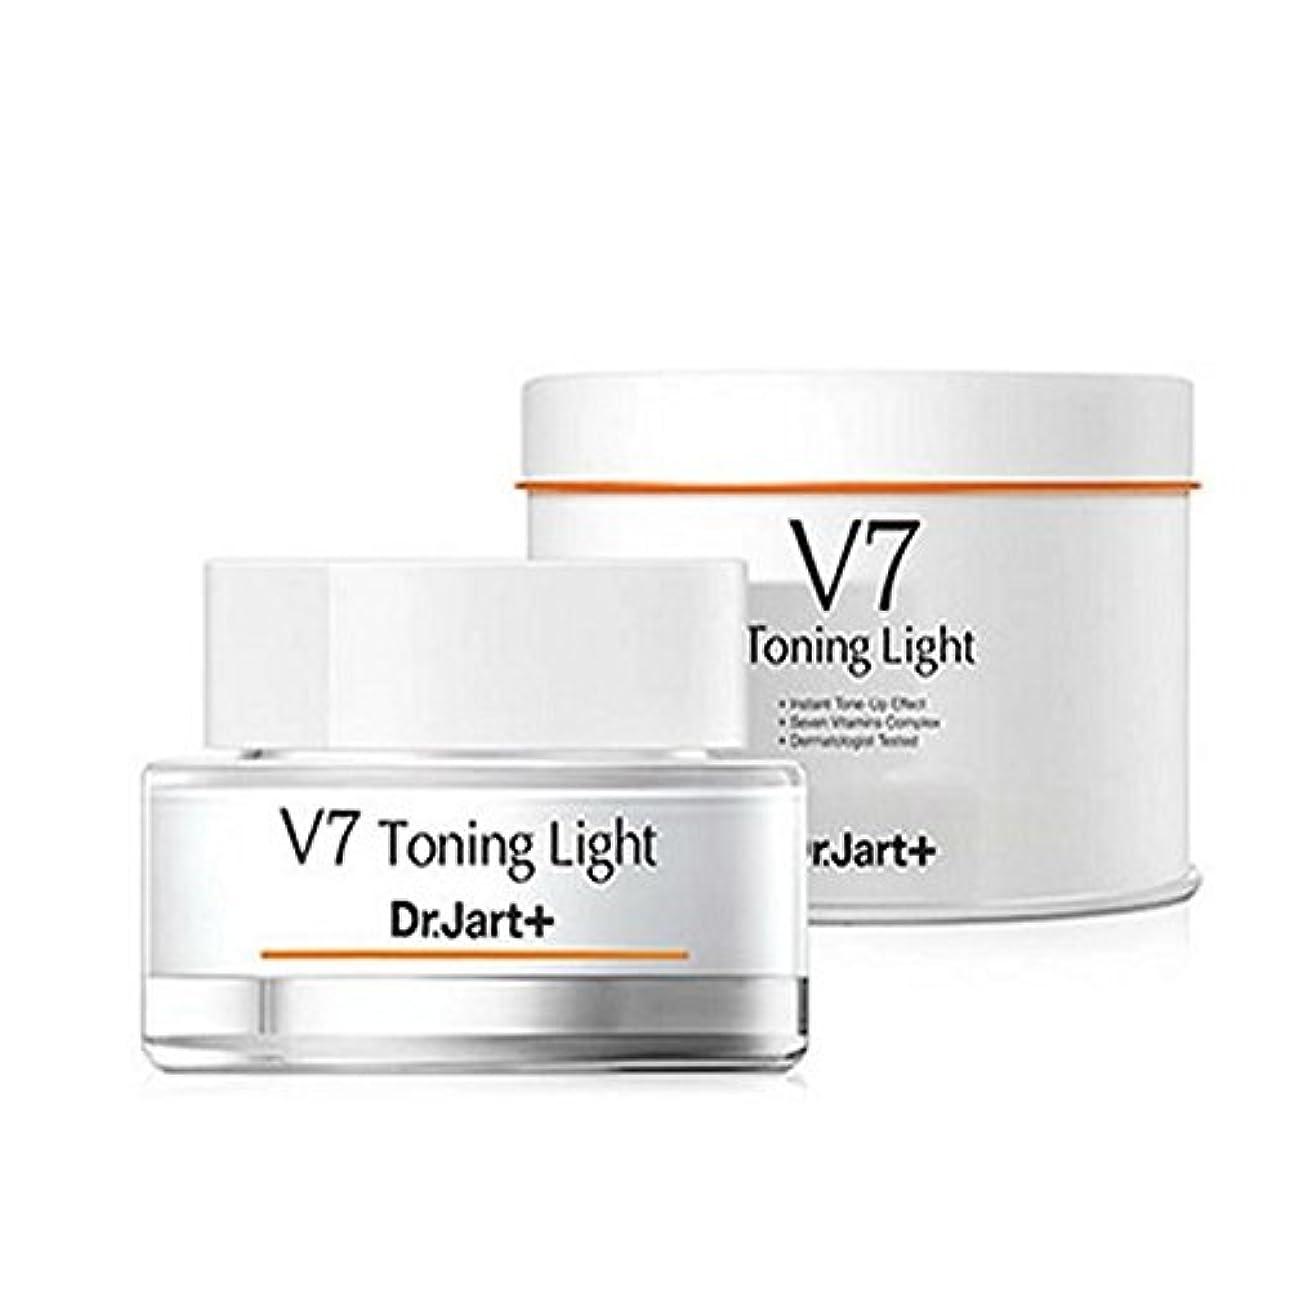 データベーススモッグ封筒Dr. Jart /ドクタージャルト V7 トーニングライト/V7 Toning Lihgt 50ml/100% Authentic direct from Korea [並行輸入品]